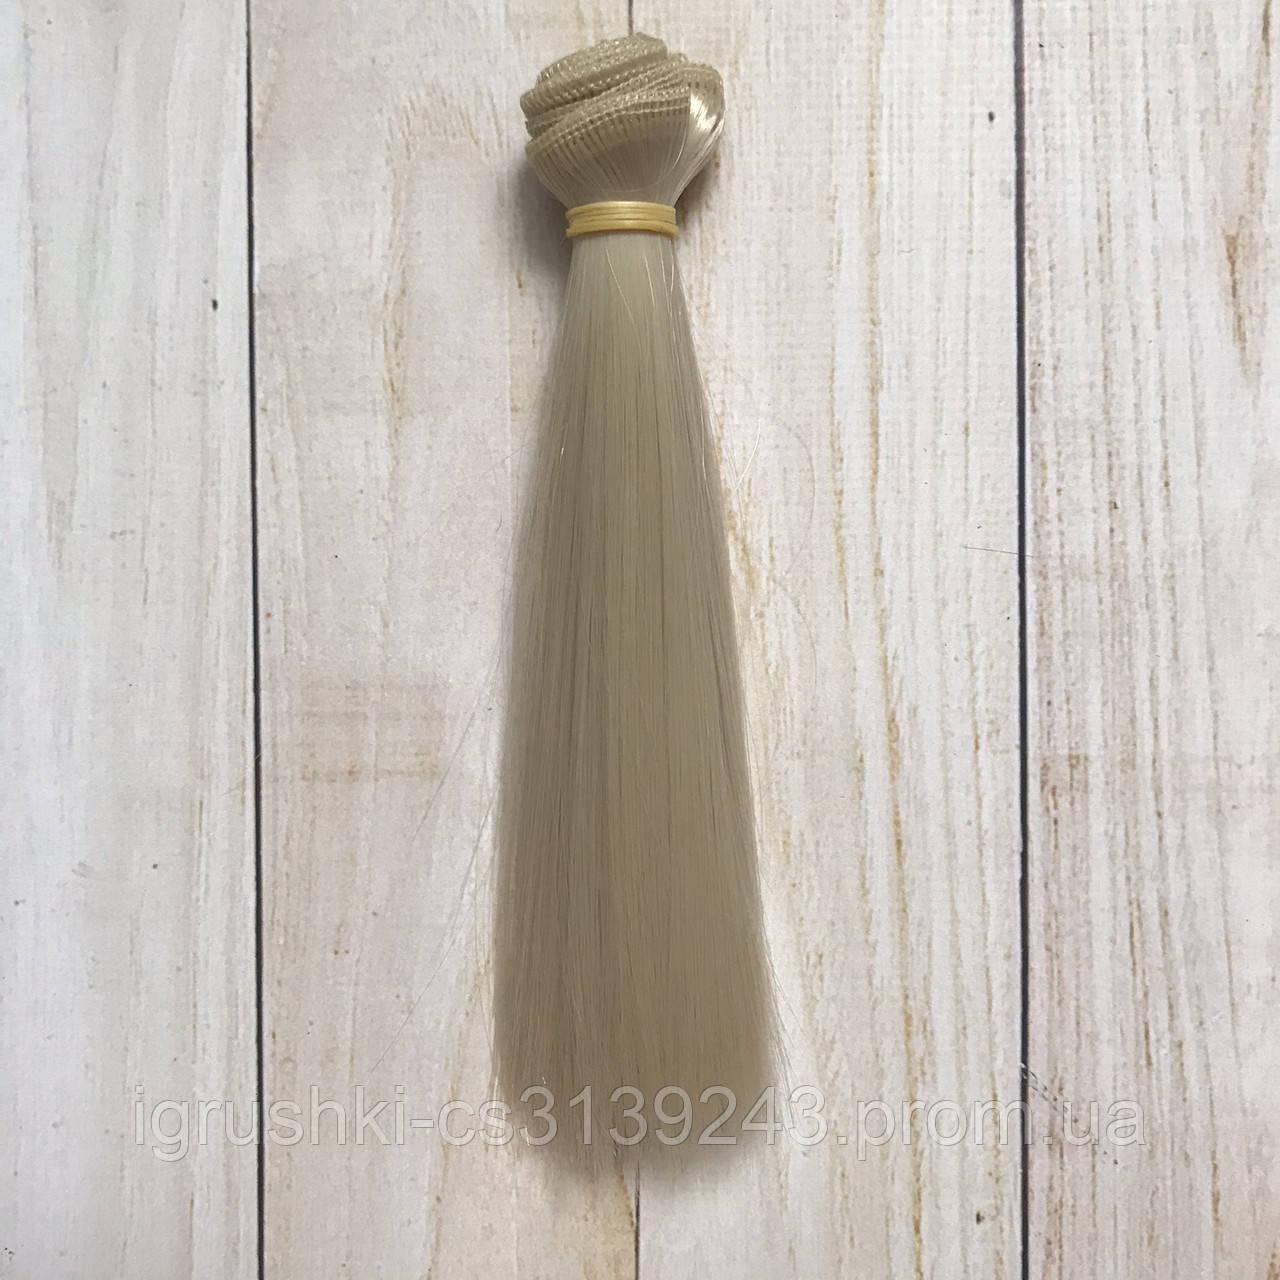 Волосы для кукол (трессы) 15 * 100 см Цвет 56